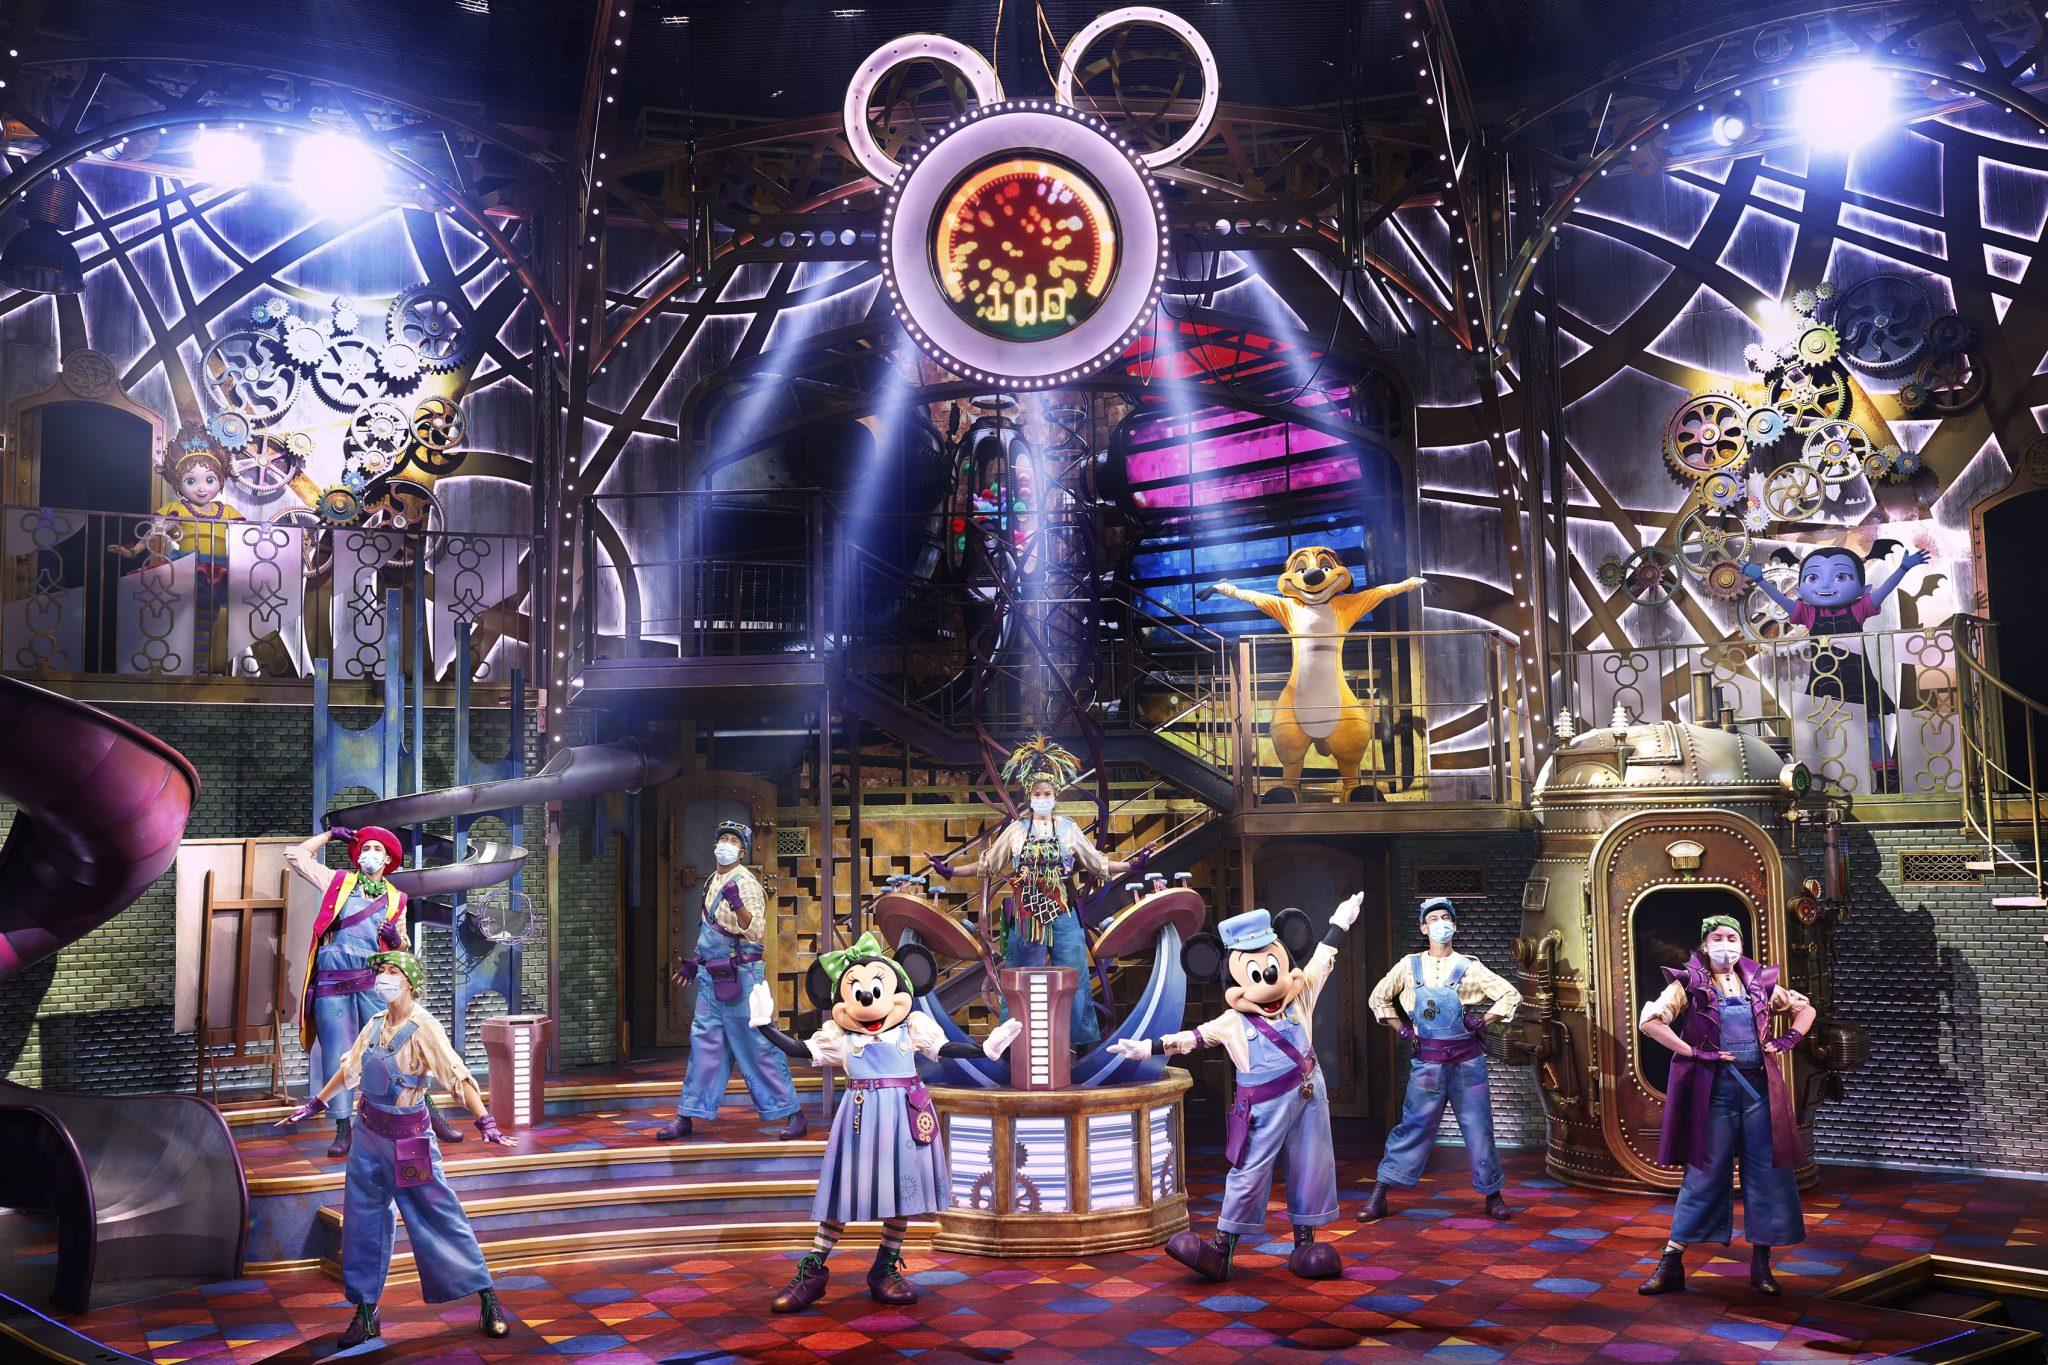 Disney Junior Dream Factory Disneyland Paris